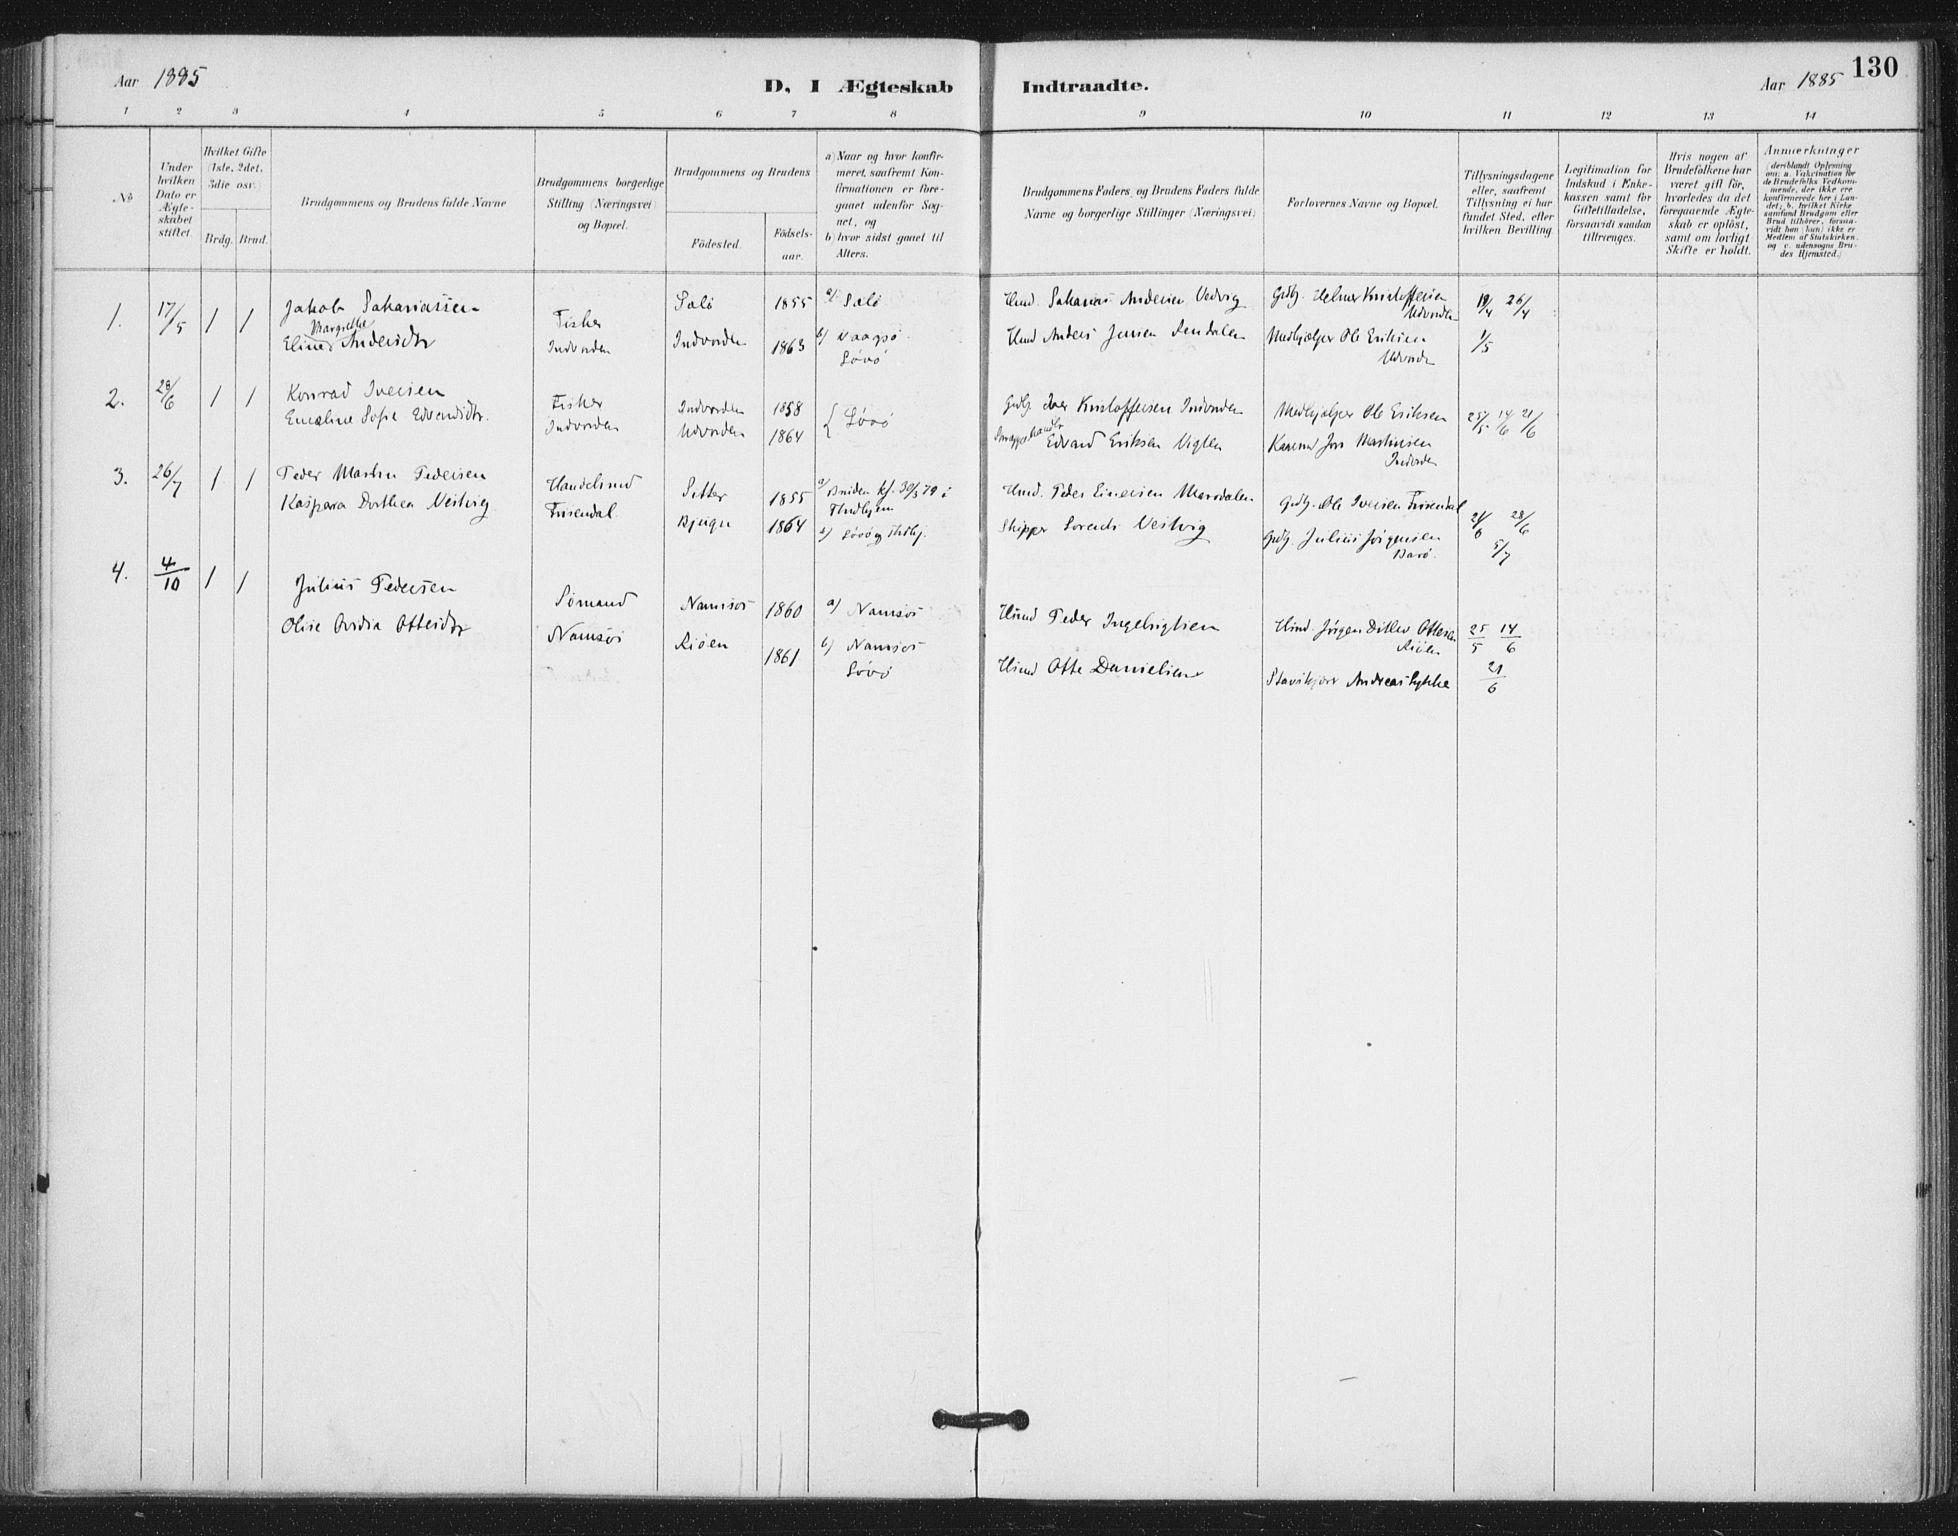 SAT, Ministerialprotokoller, klokkerbøker og fødselsregistre - Nord-Trøndelag, 772/L0603: Ministerialbok nr. 772A01, 1885-1912, s. 130